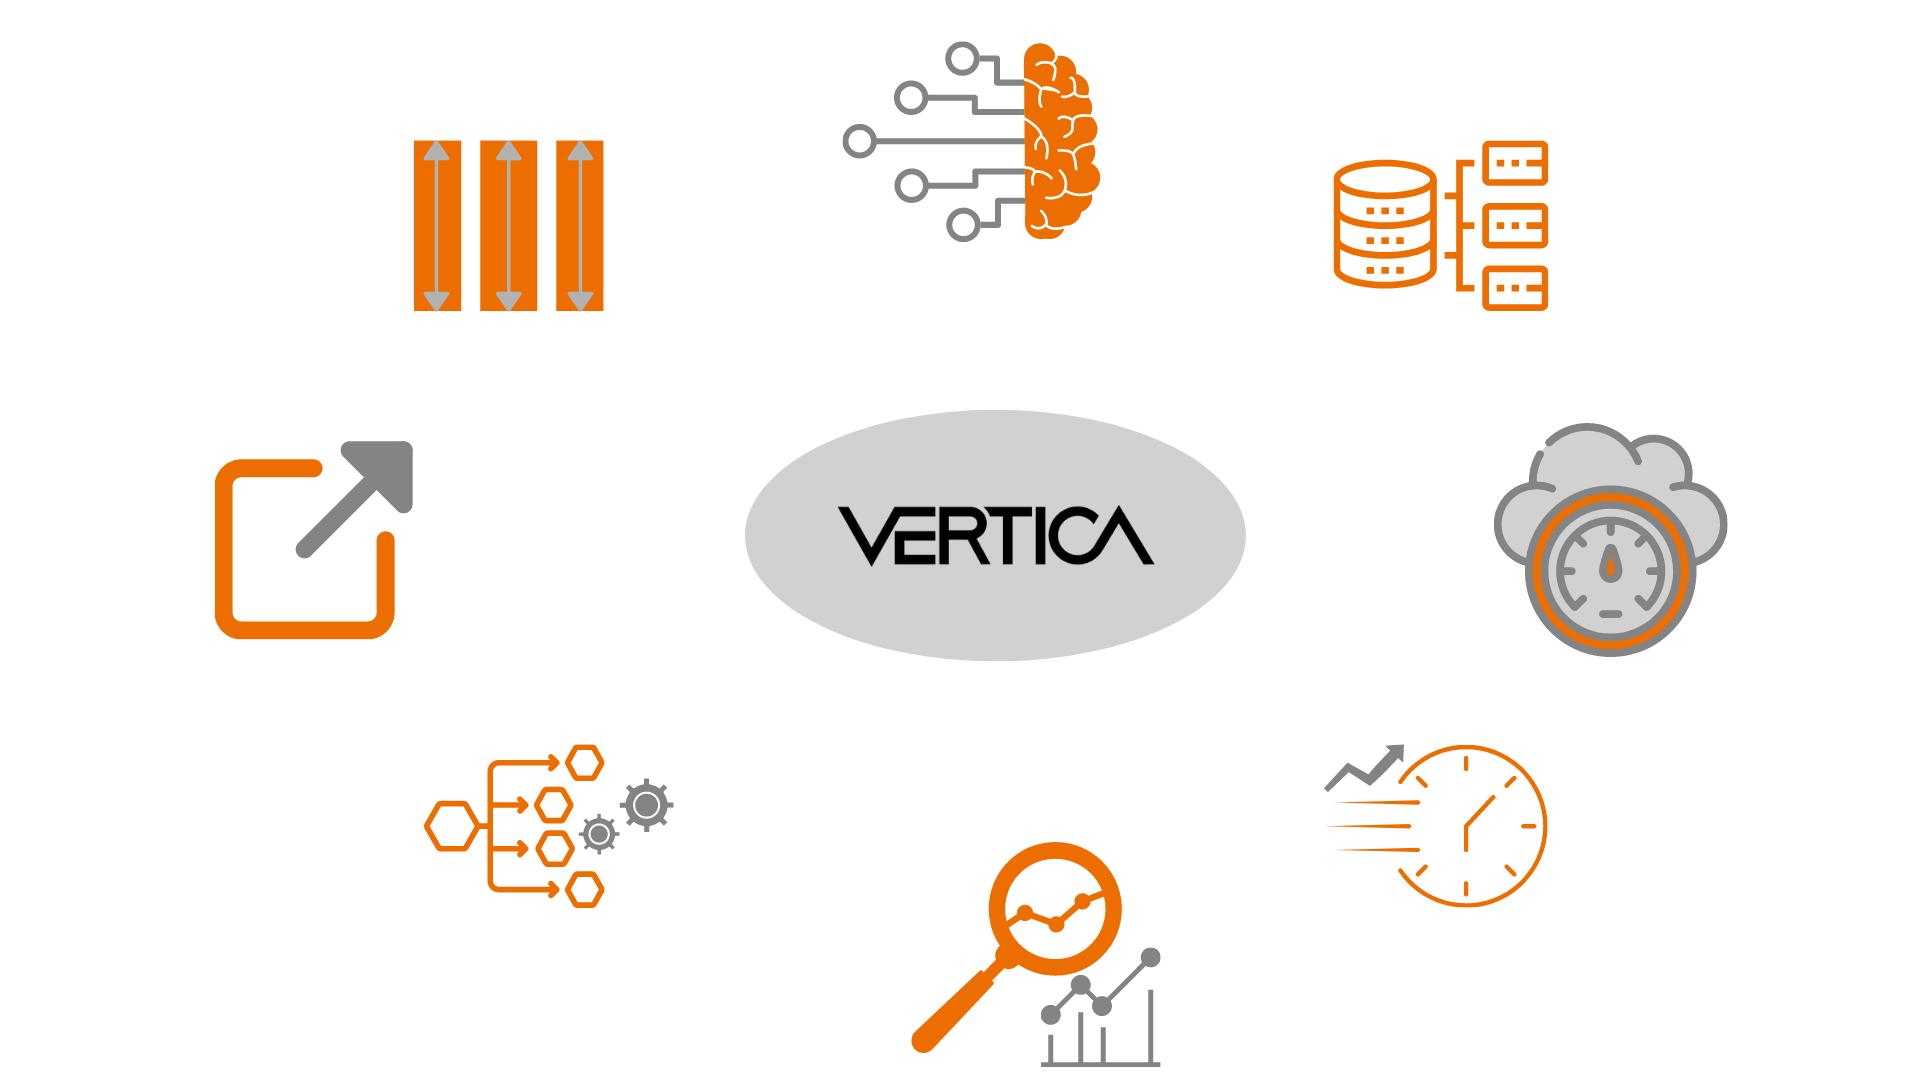 vertica2-1